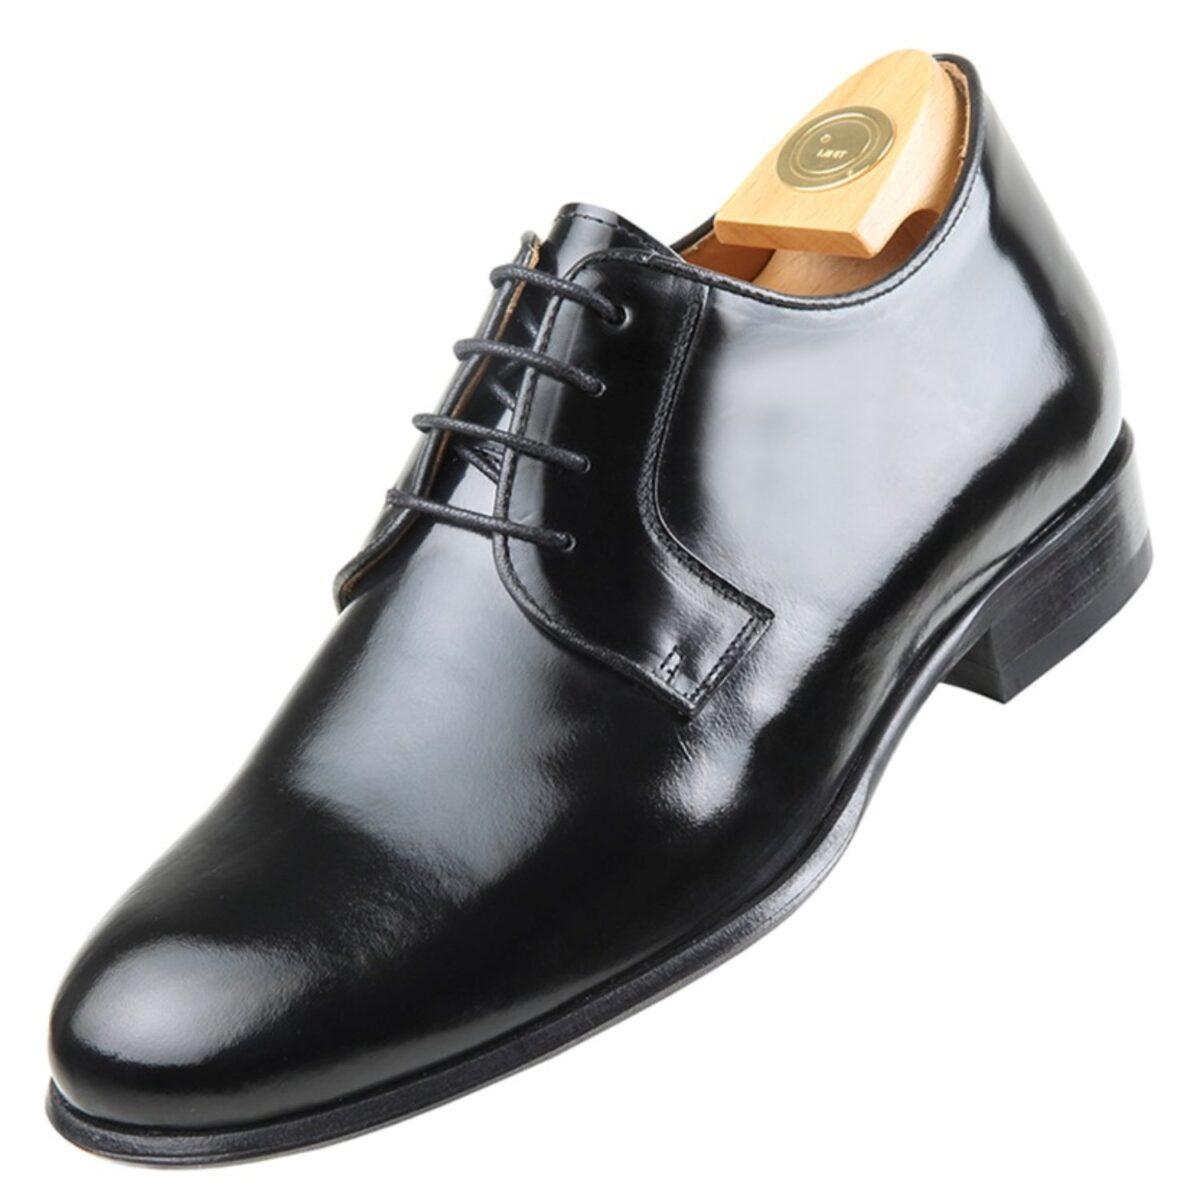 Zapatos con Alzas modelo 3500 Nc - HiPlus